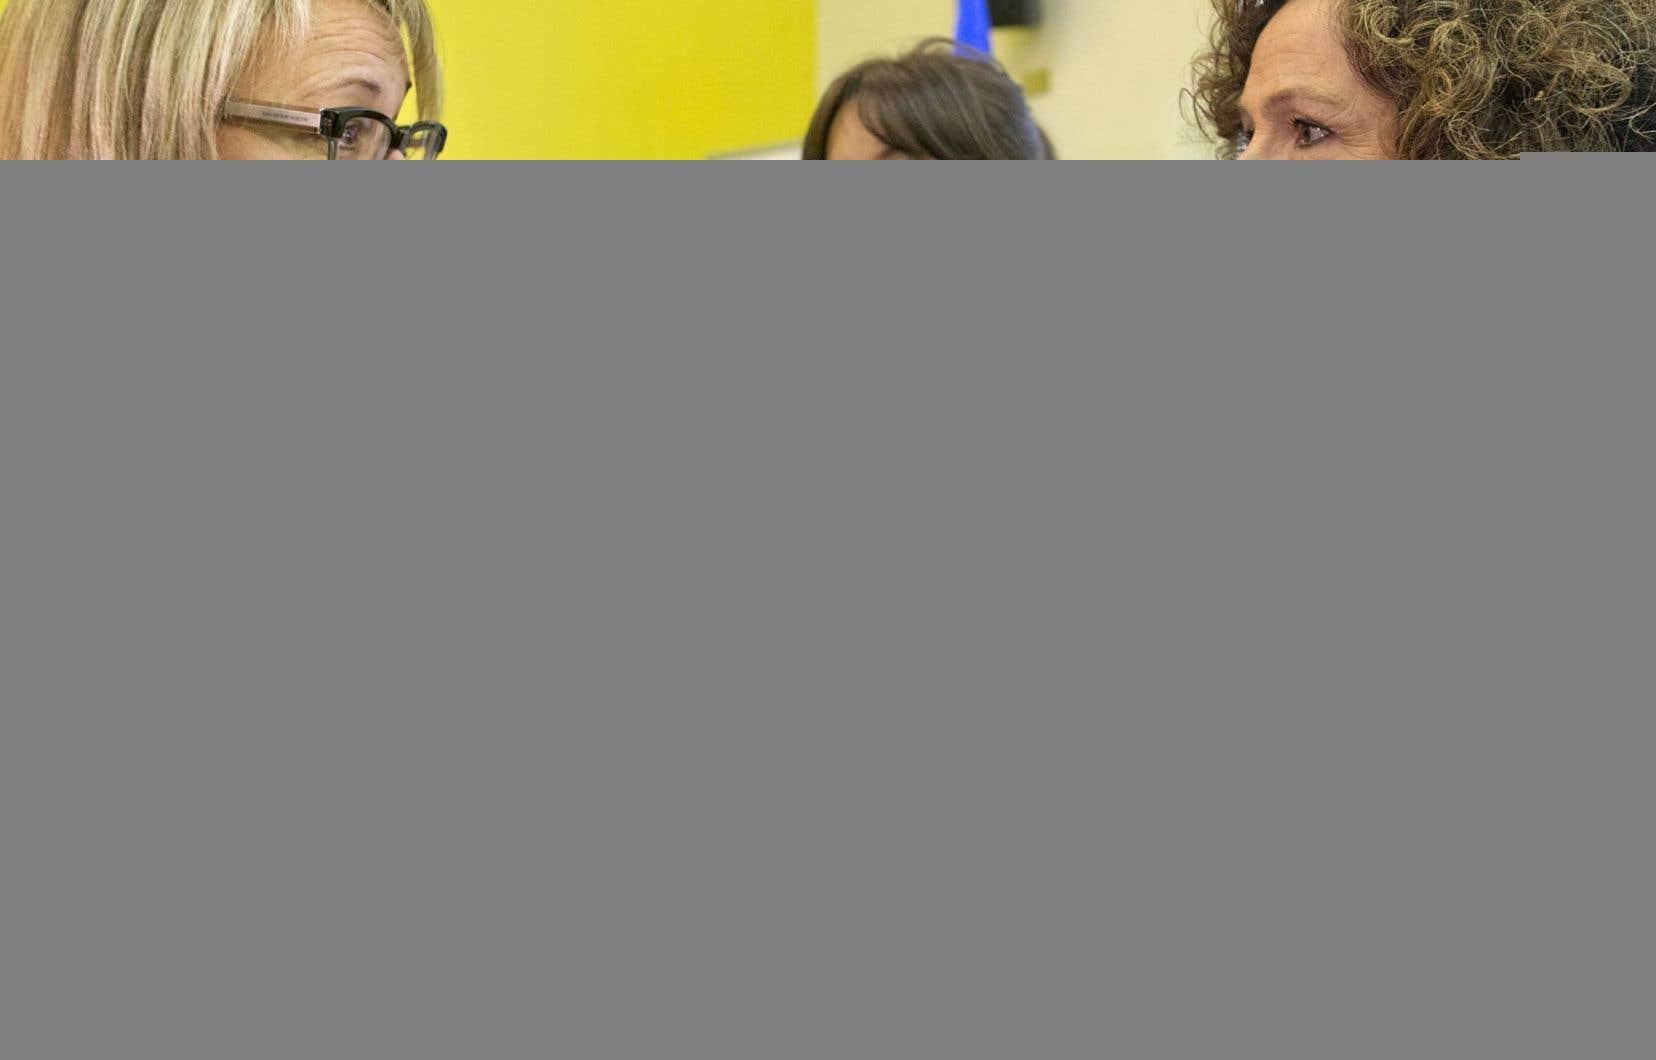 Les premières critiques sont venues de la journaliste indépendante Sue Montgomery (à droite), en conversation avec la ministre Lise Thériault (à gauche) et Sophie Chiasson, vendredi à Montréal.